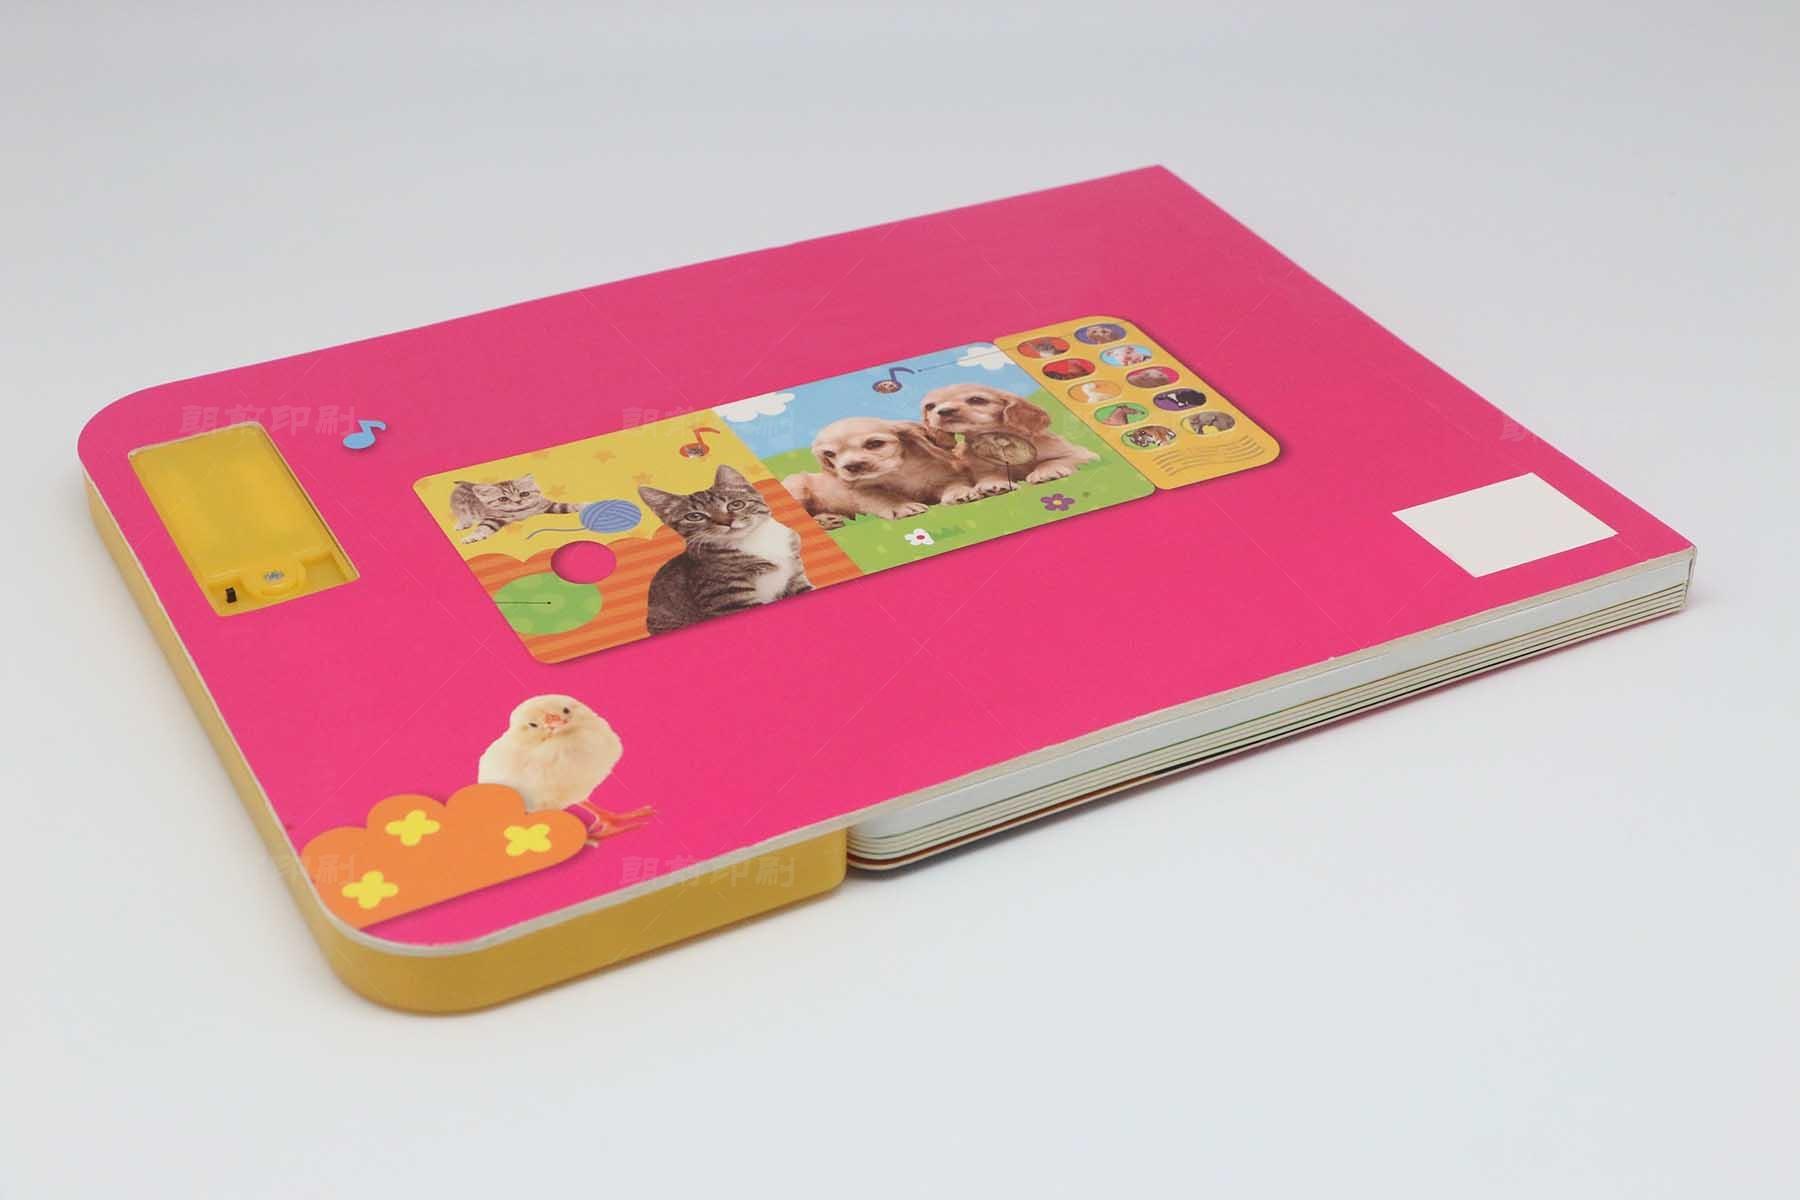 广州销售画册设计印刷 广州宣传画册印刷企业